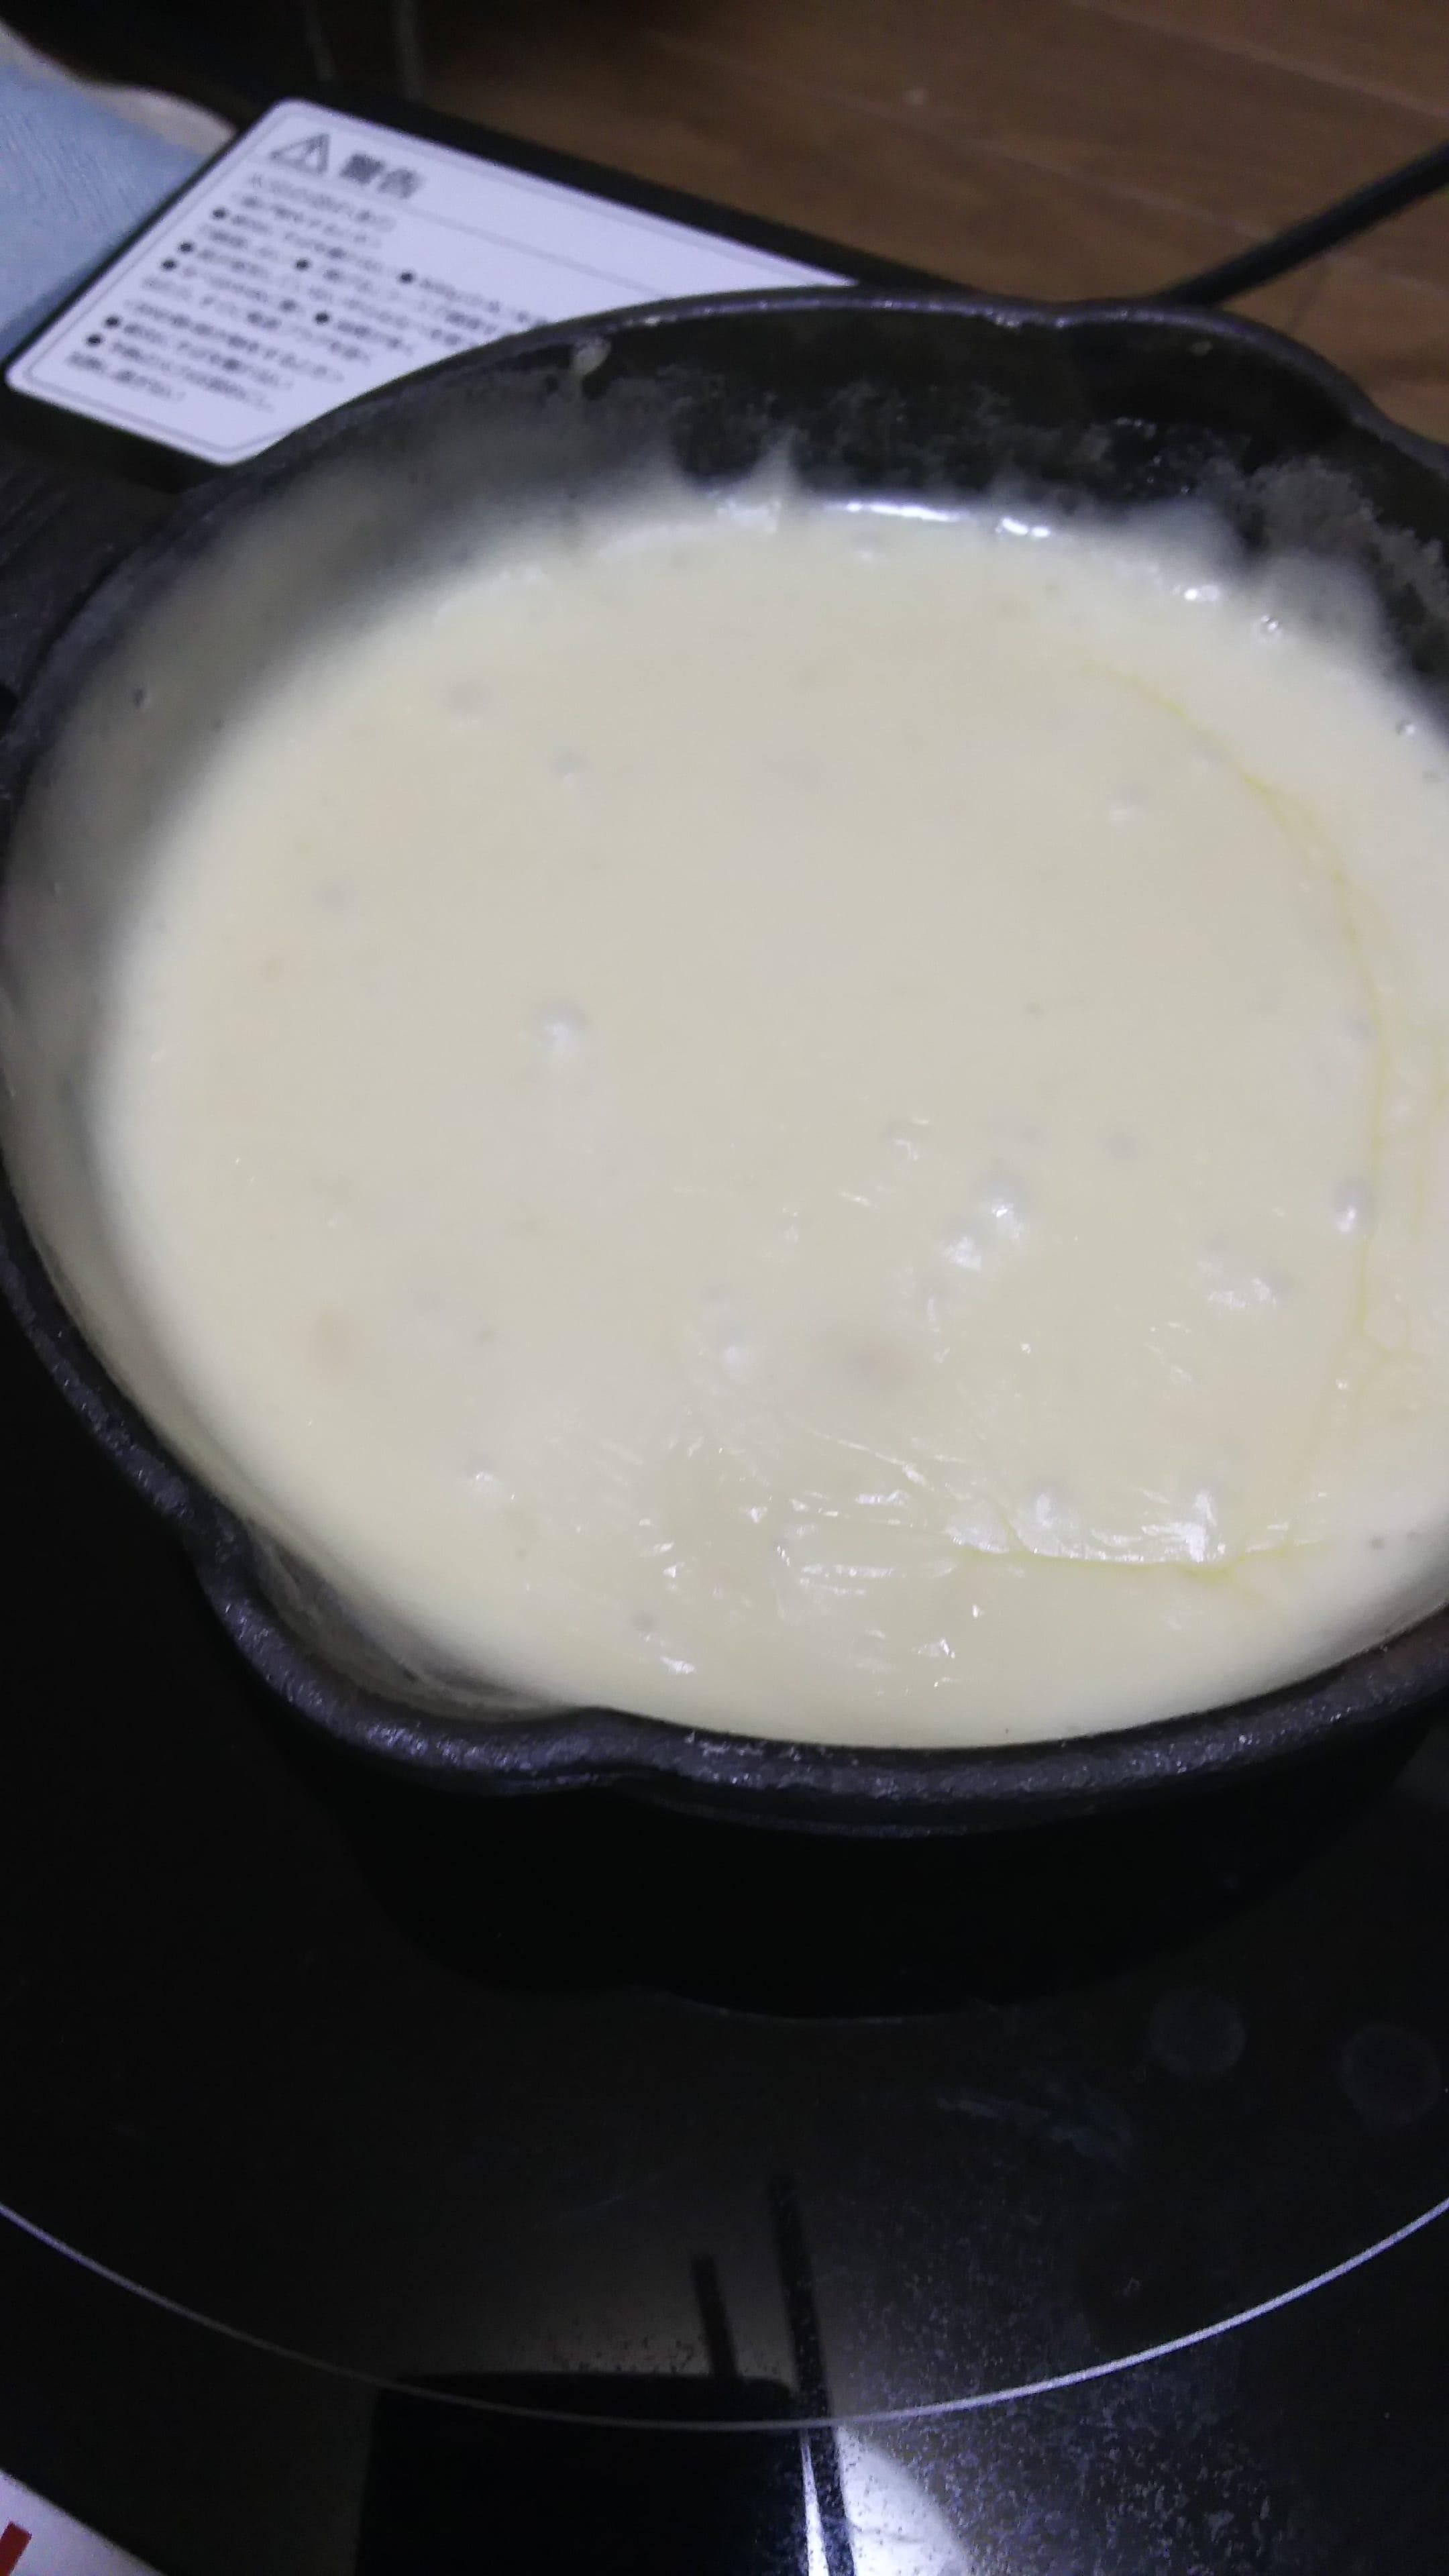 あおい「チーズなお兄さんへ!」11/19(日) 21:09 | あおいの写メ・風俗動画